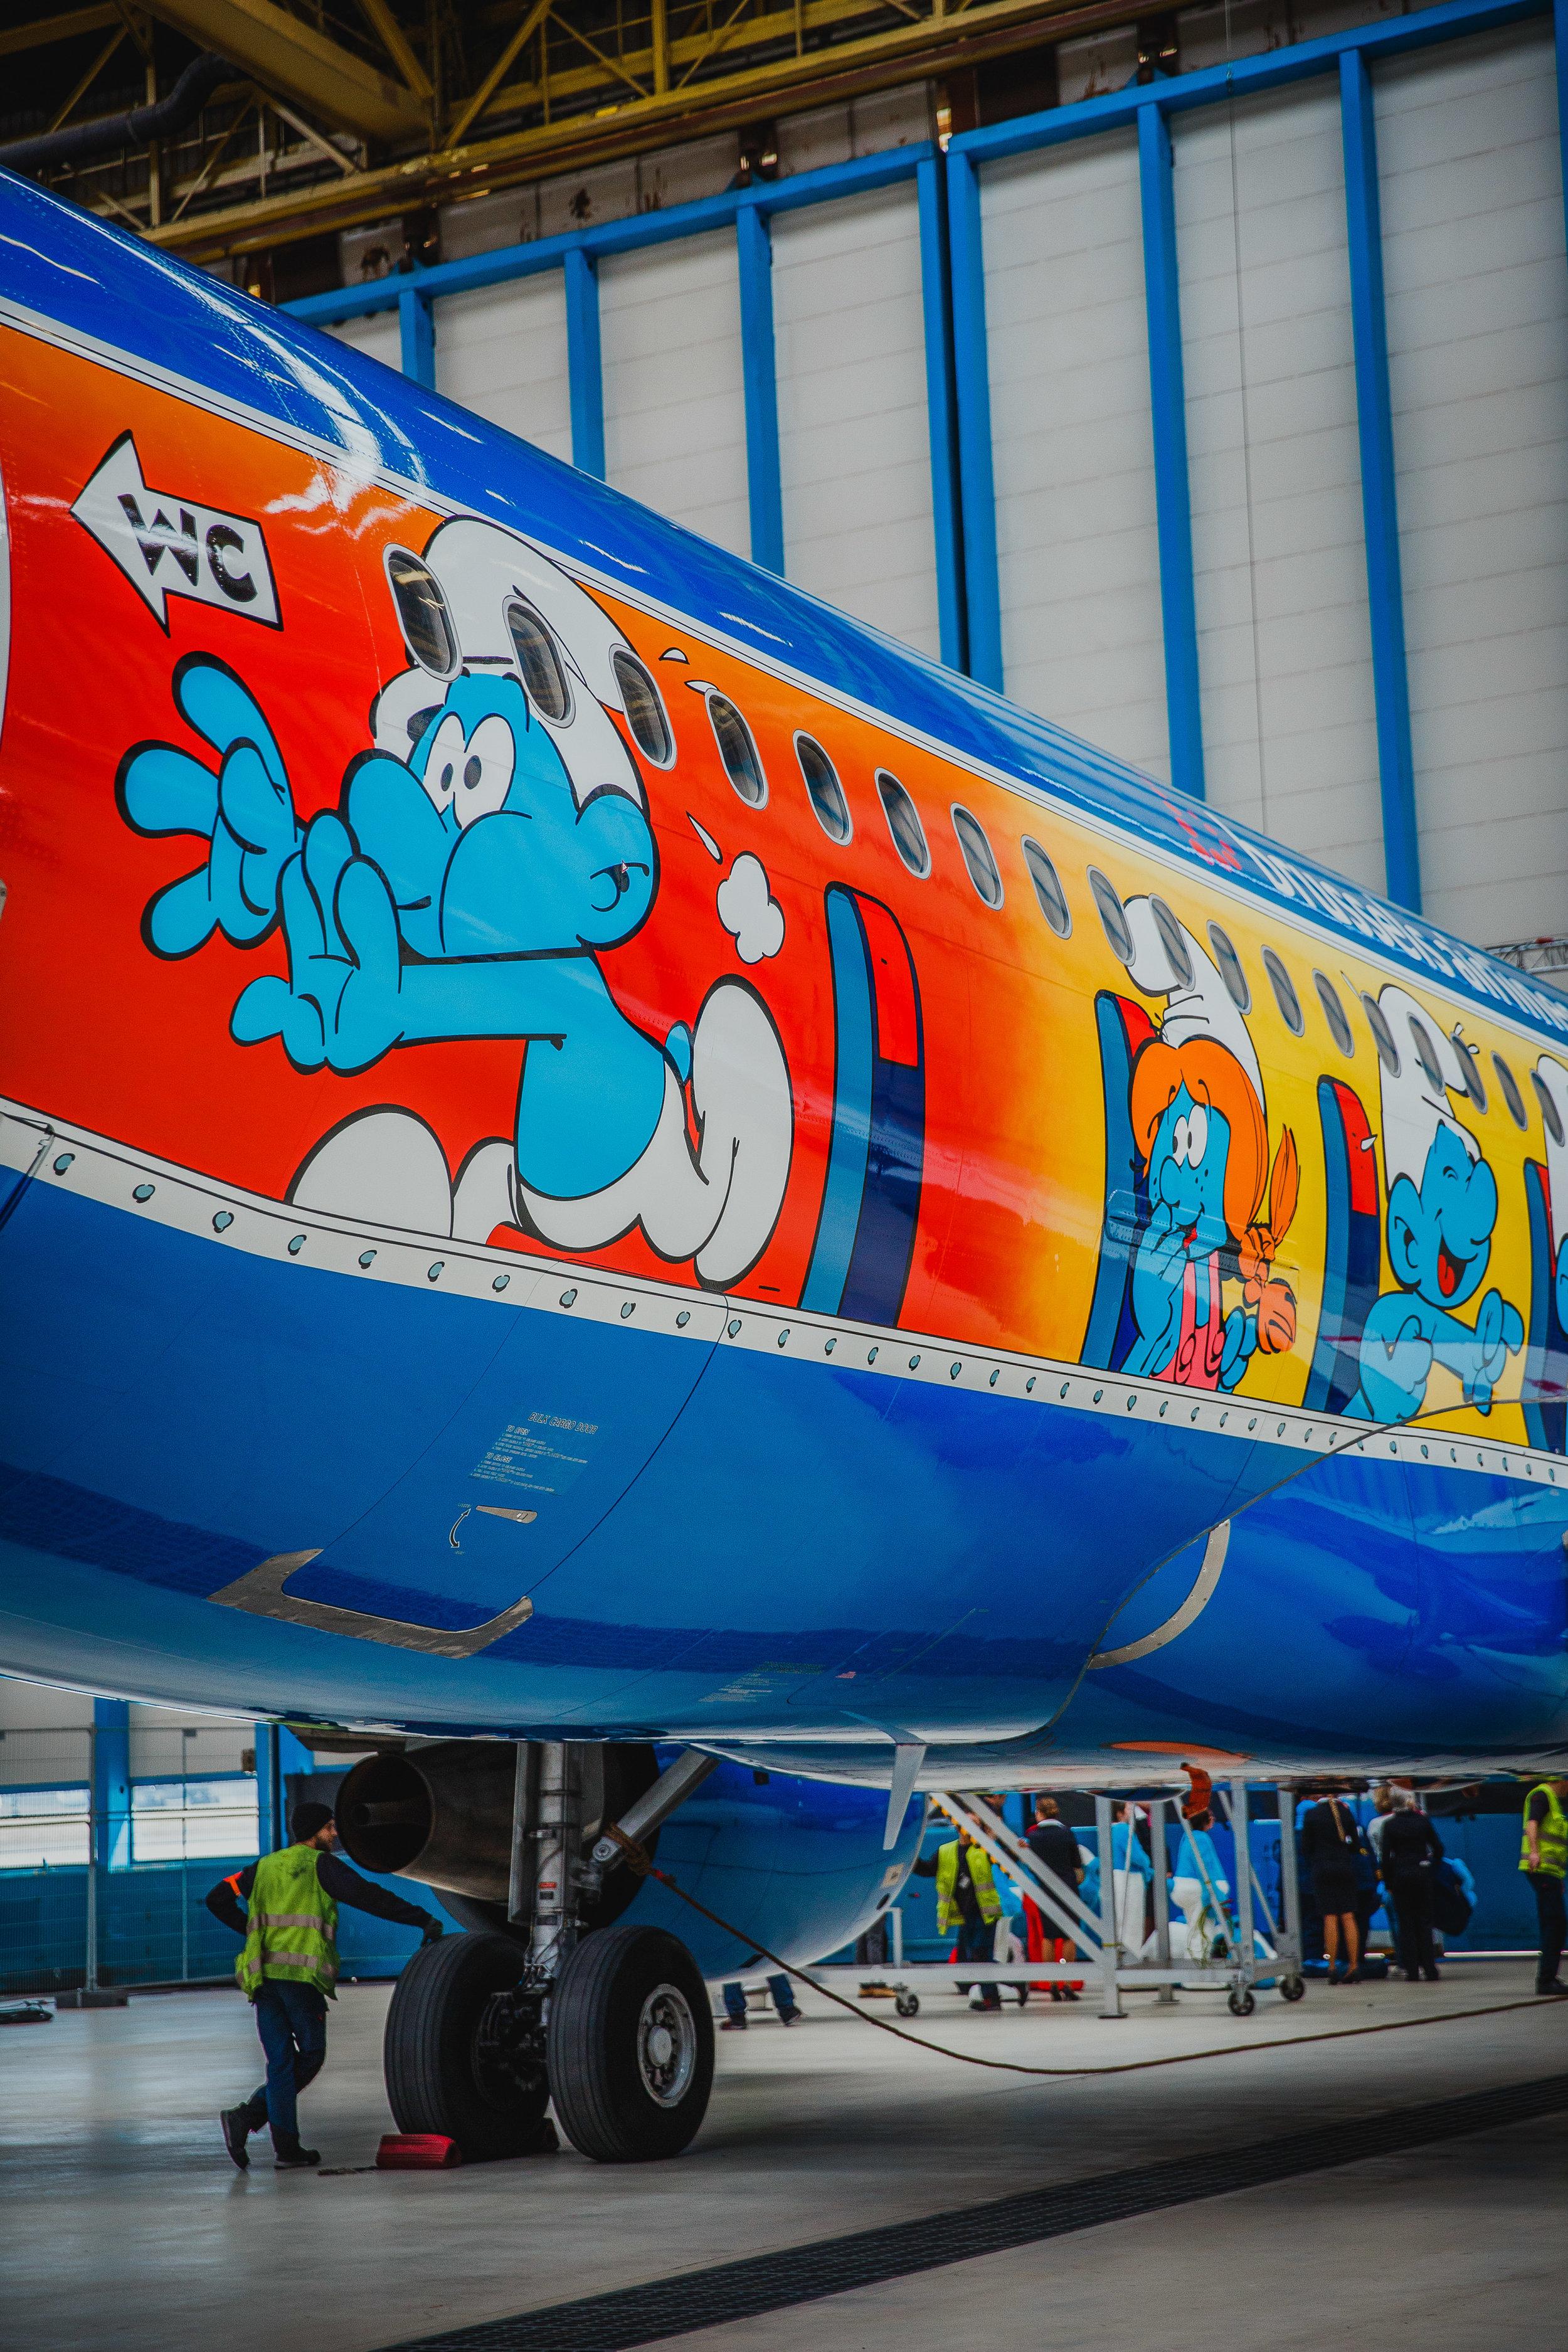 smurfs livery airplane.jpg